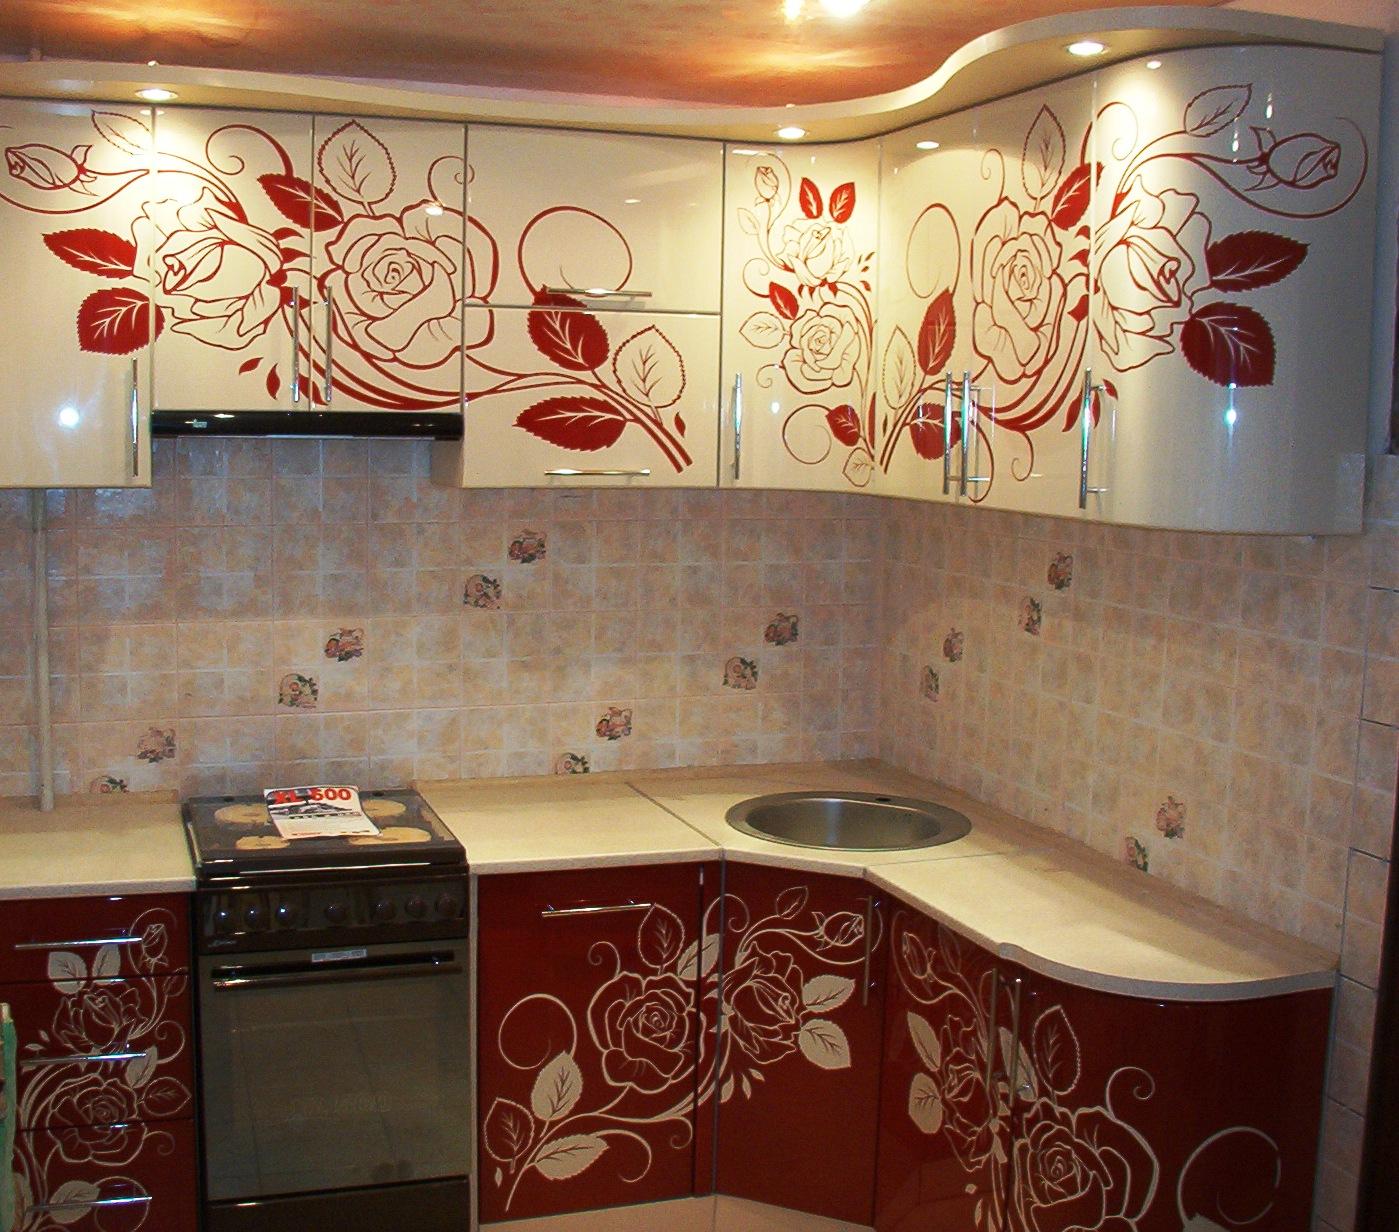 11.Вы также можете выбрать различные векторные рисунки для нанесения на фасады кухни методом фотопечати.